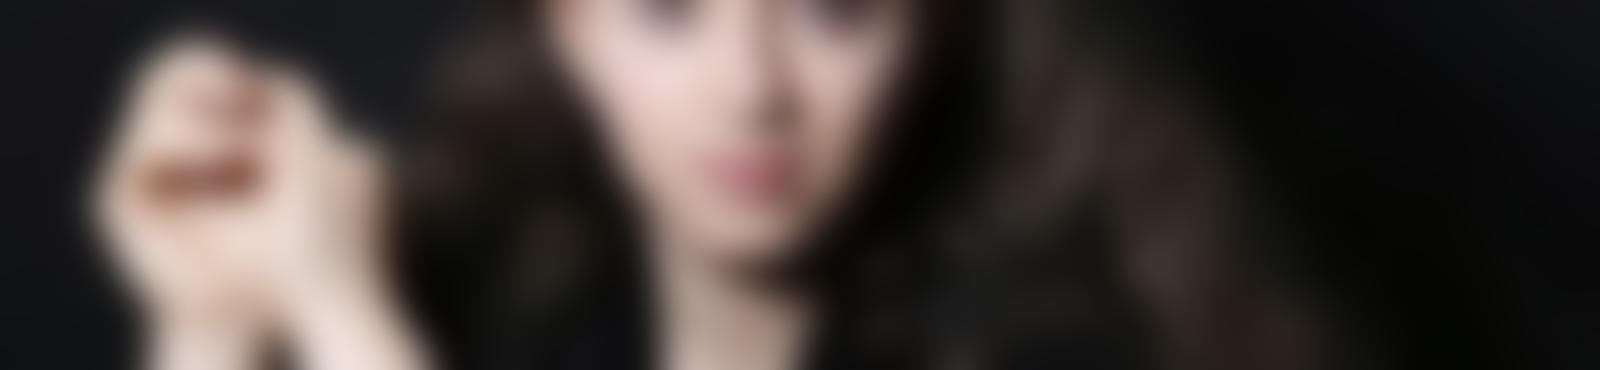 Blurred 30499615 f4e6 48c3 ad01 abd01e51eed7